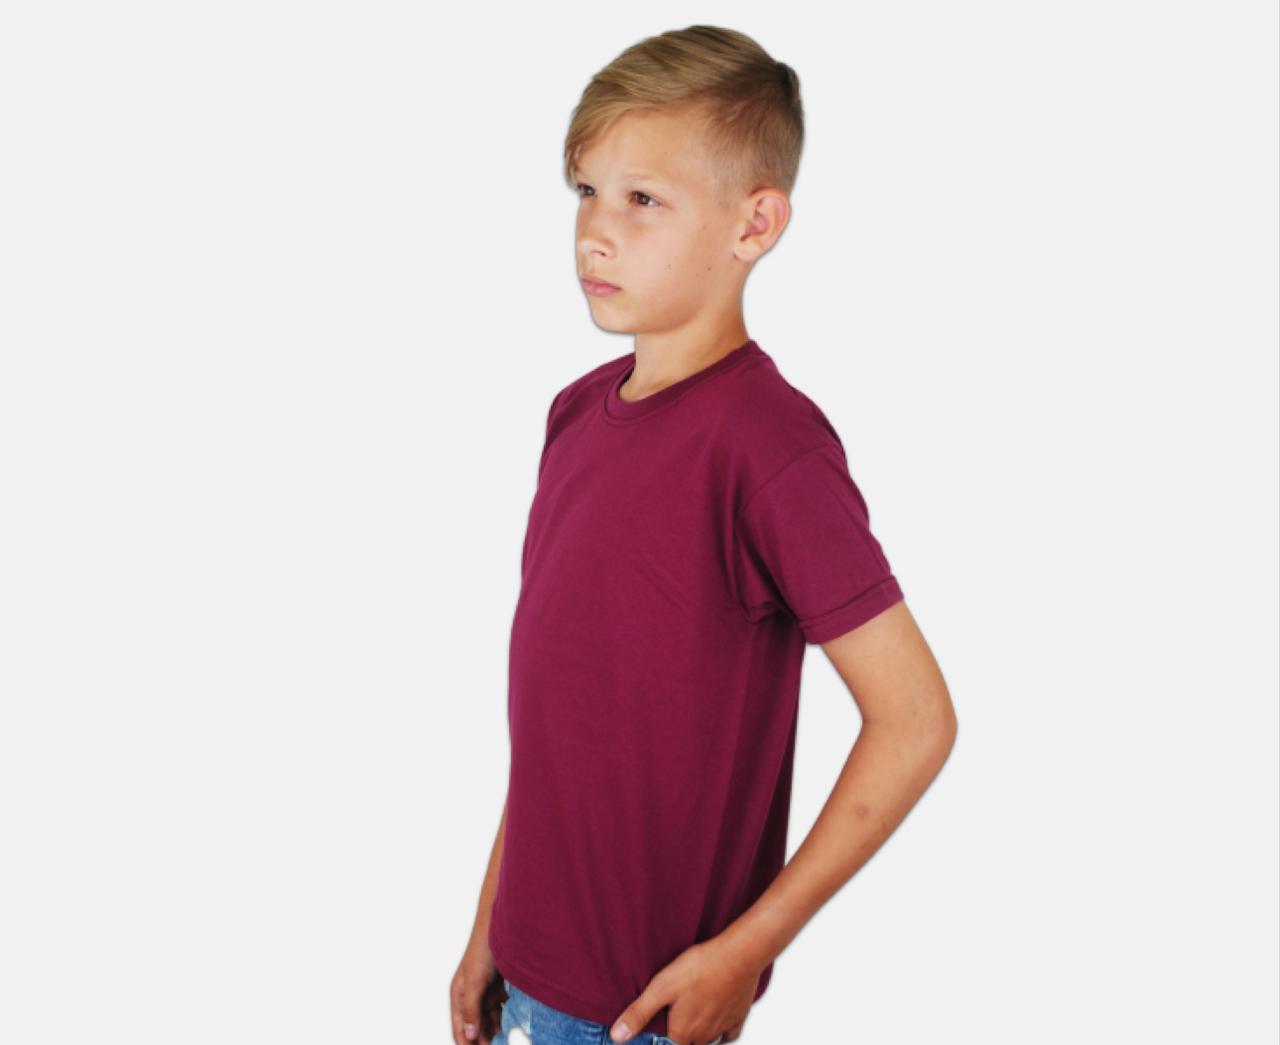 Детская Классическая Футболка для Мальчиков Бордовая 61-033-41 3-4